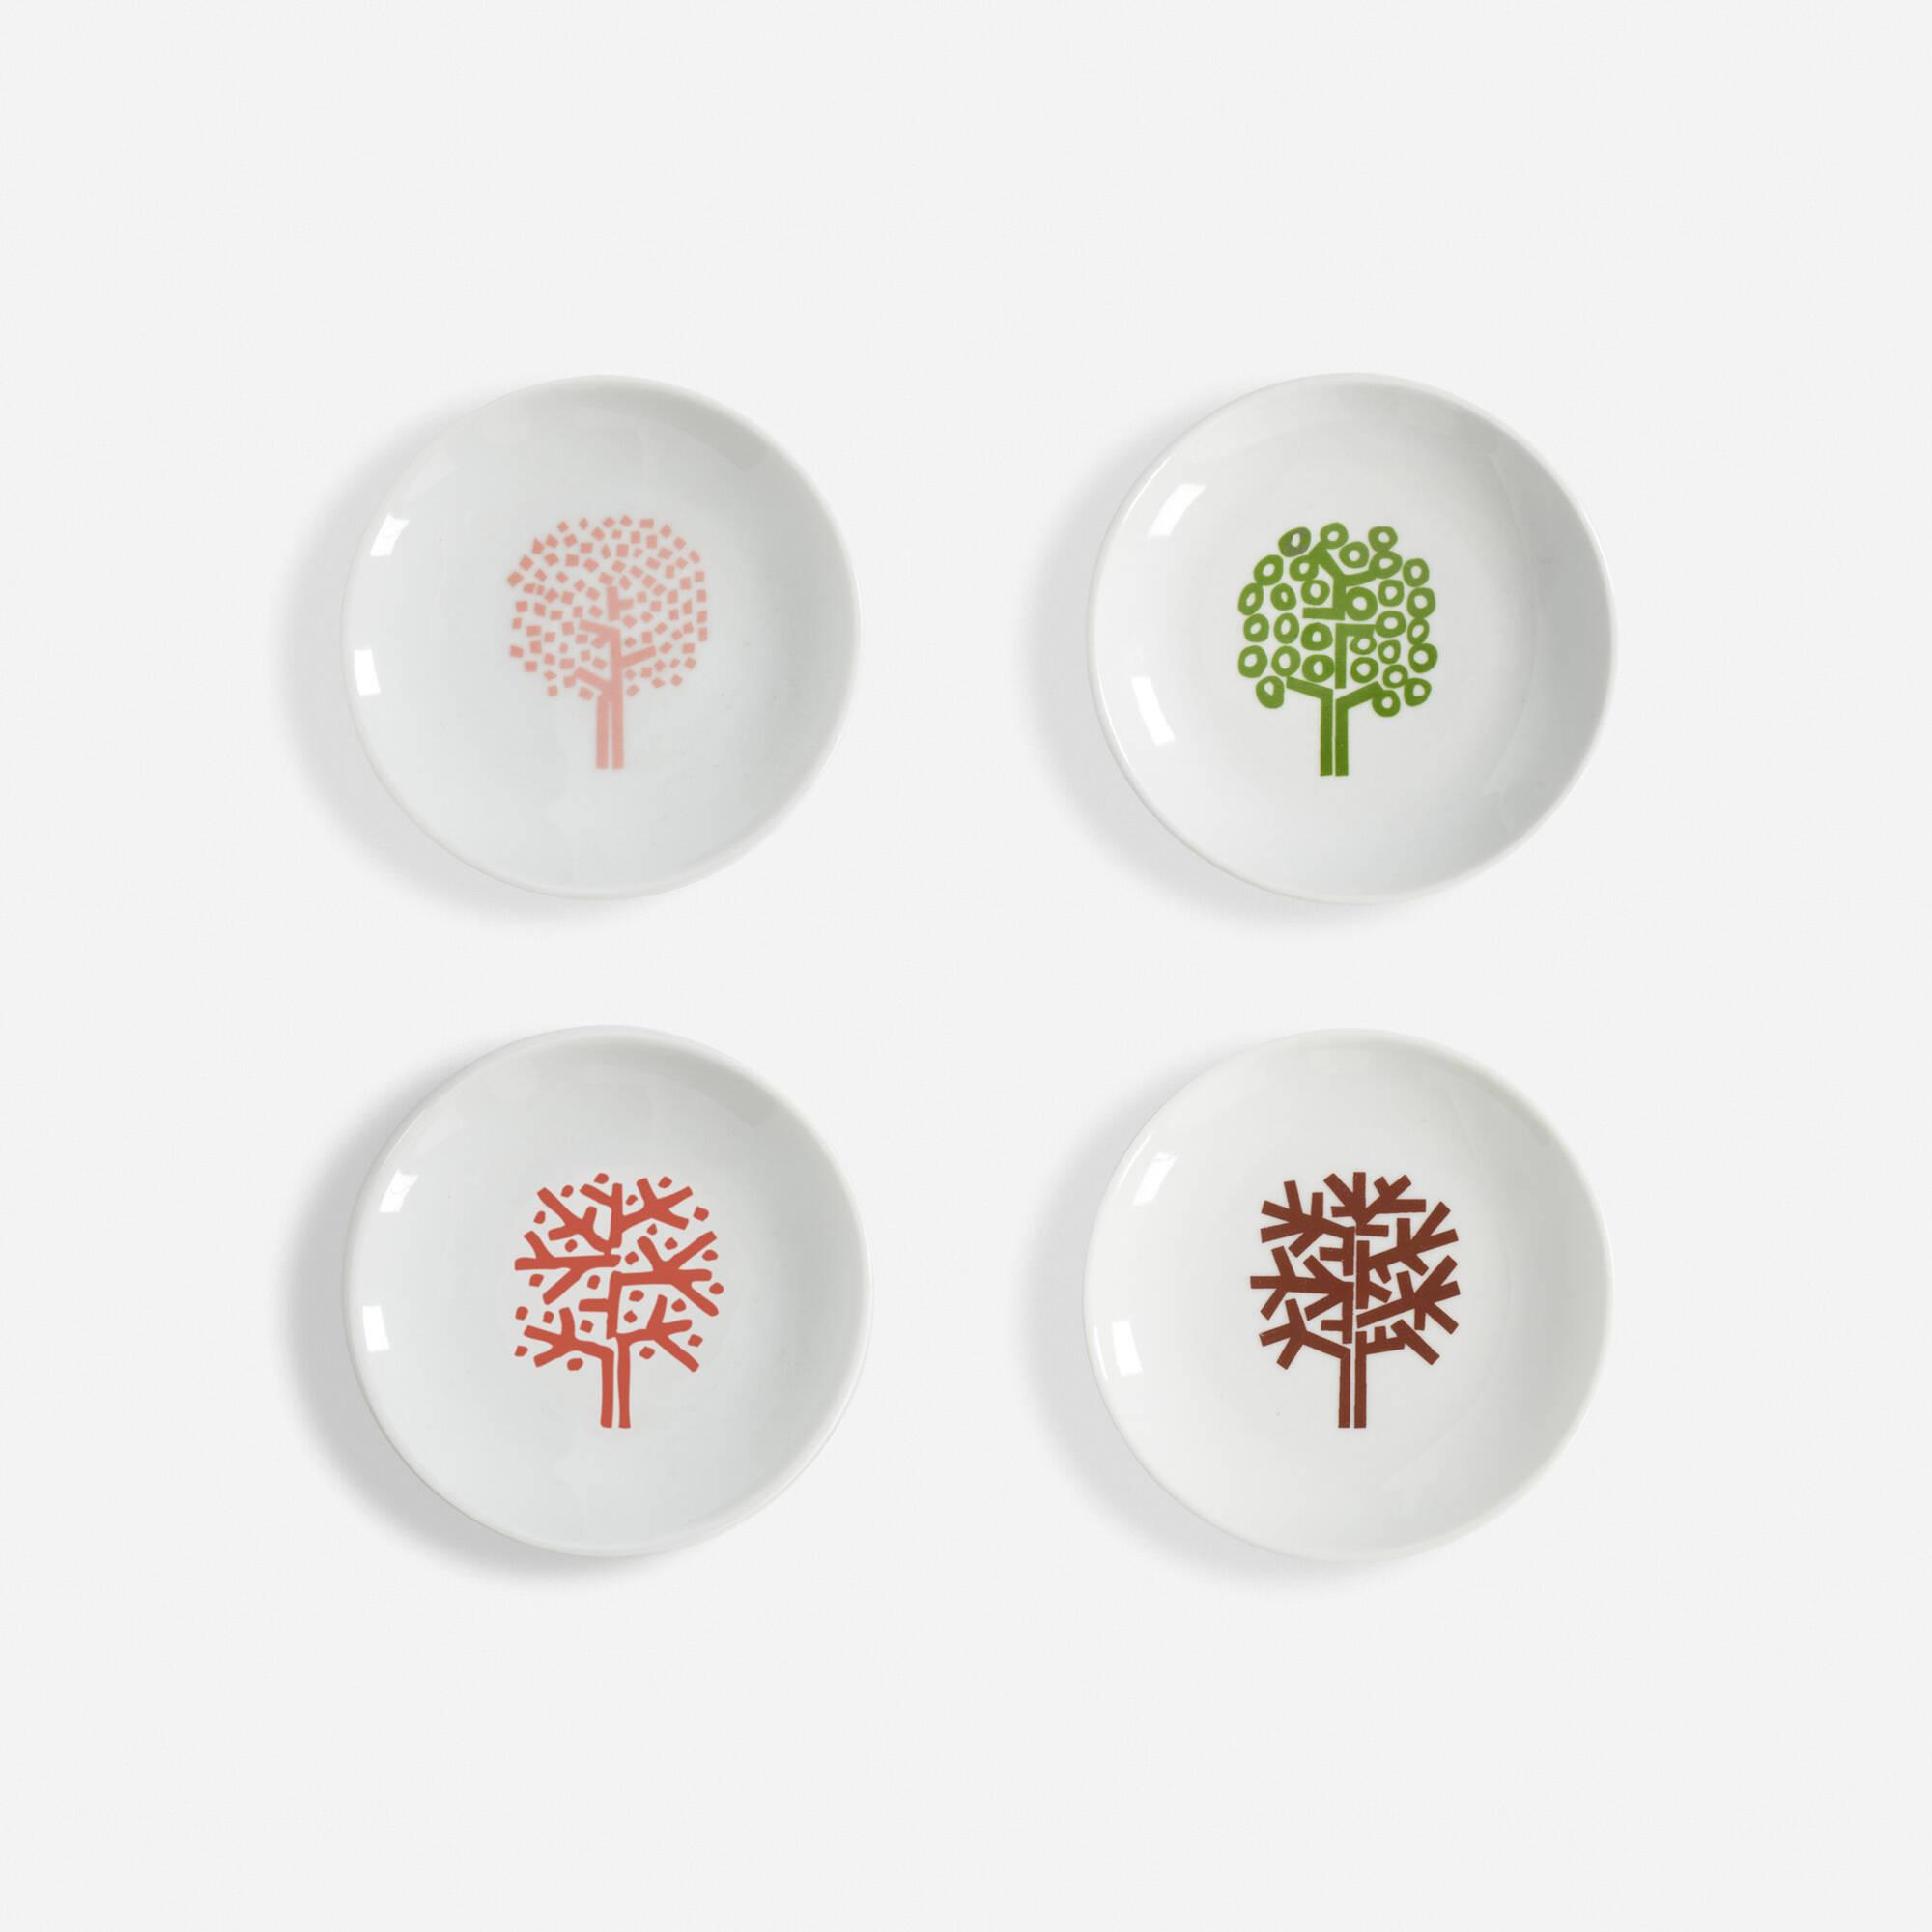 137:  / Four Seasons ashtrays, set of four (1 of 1)